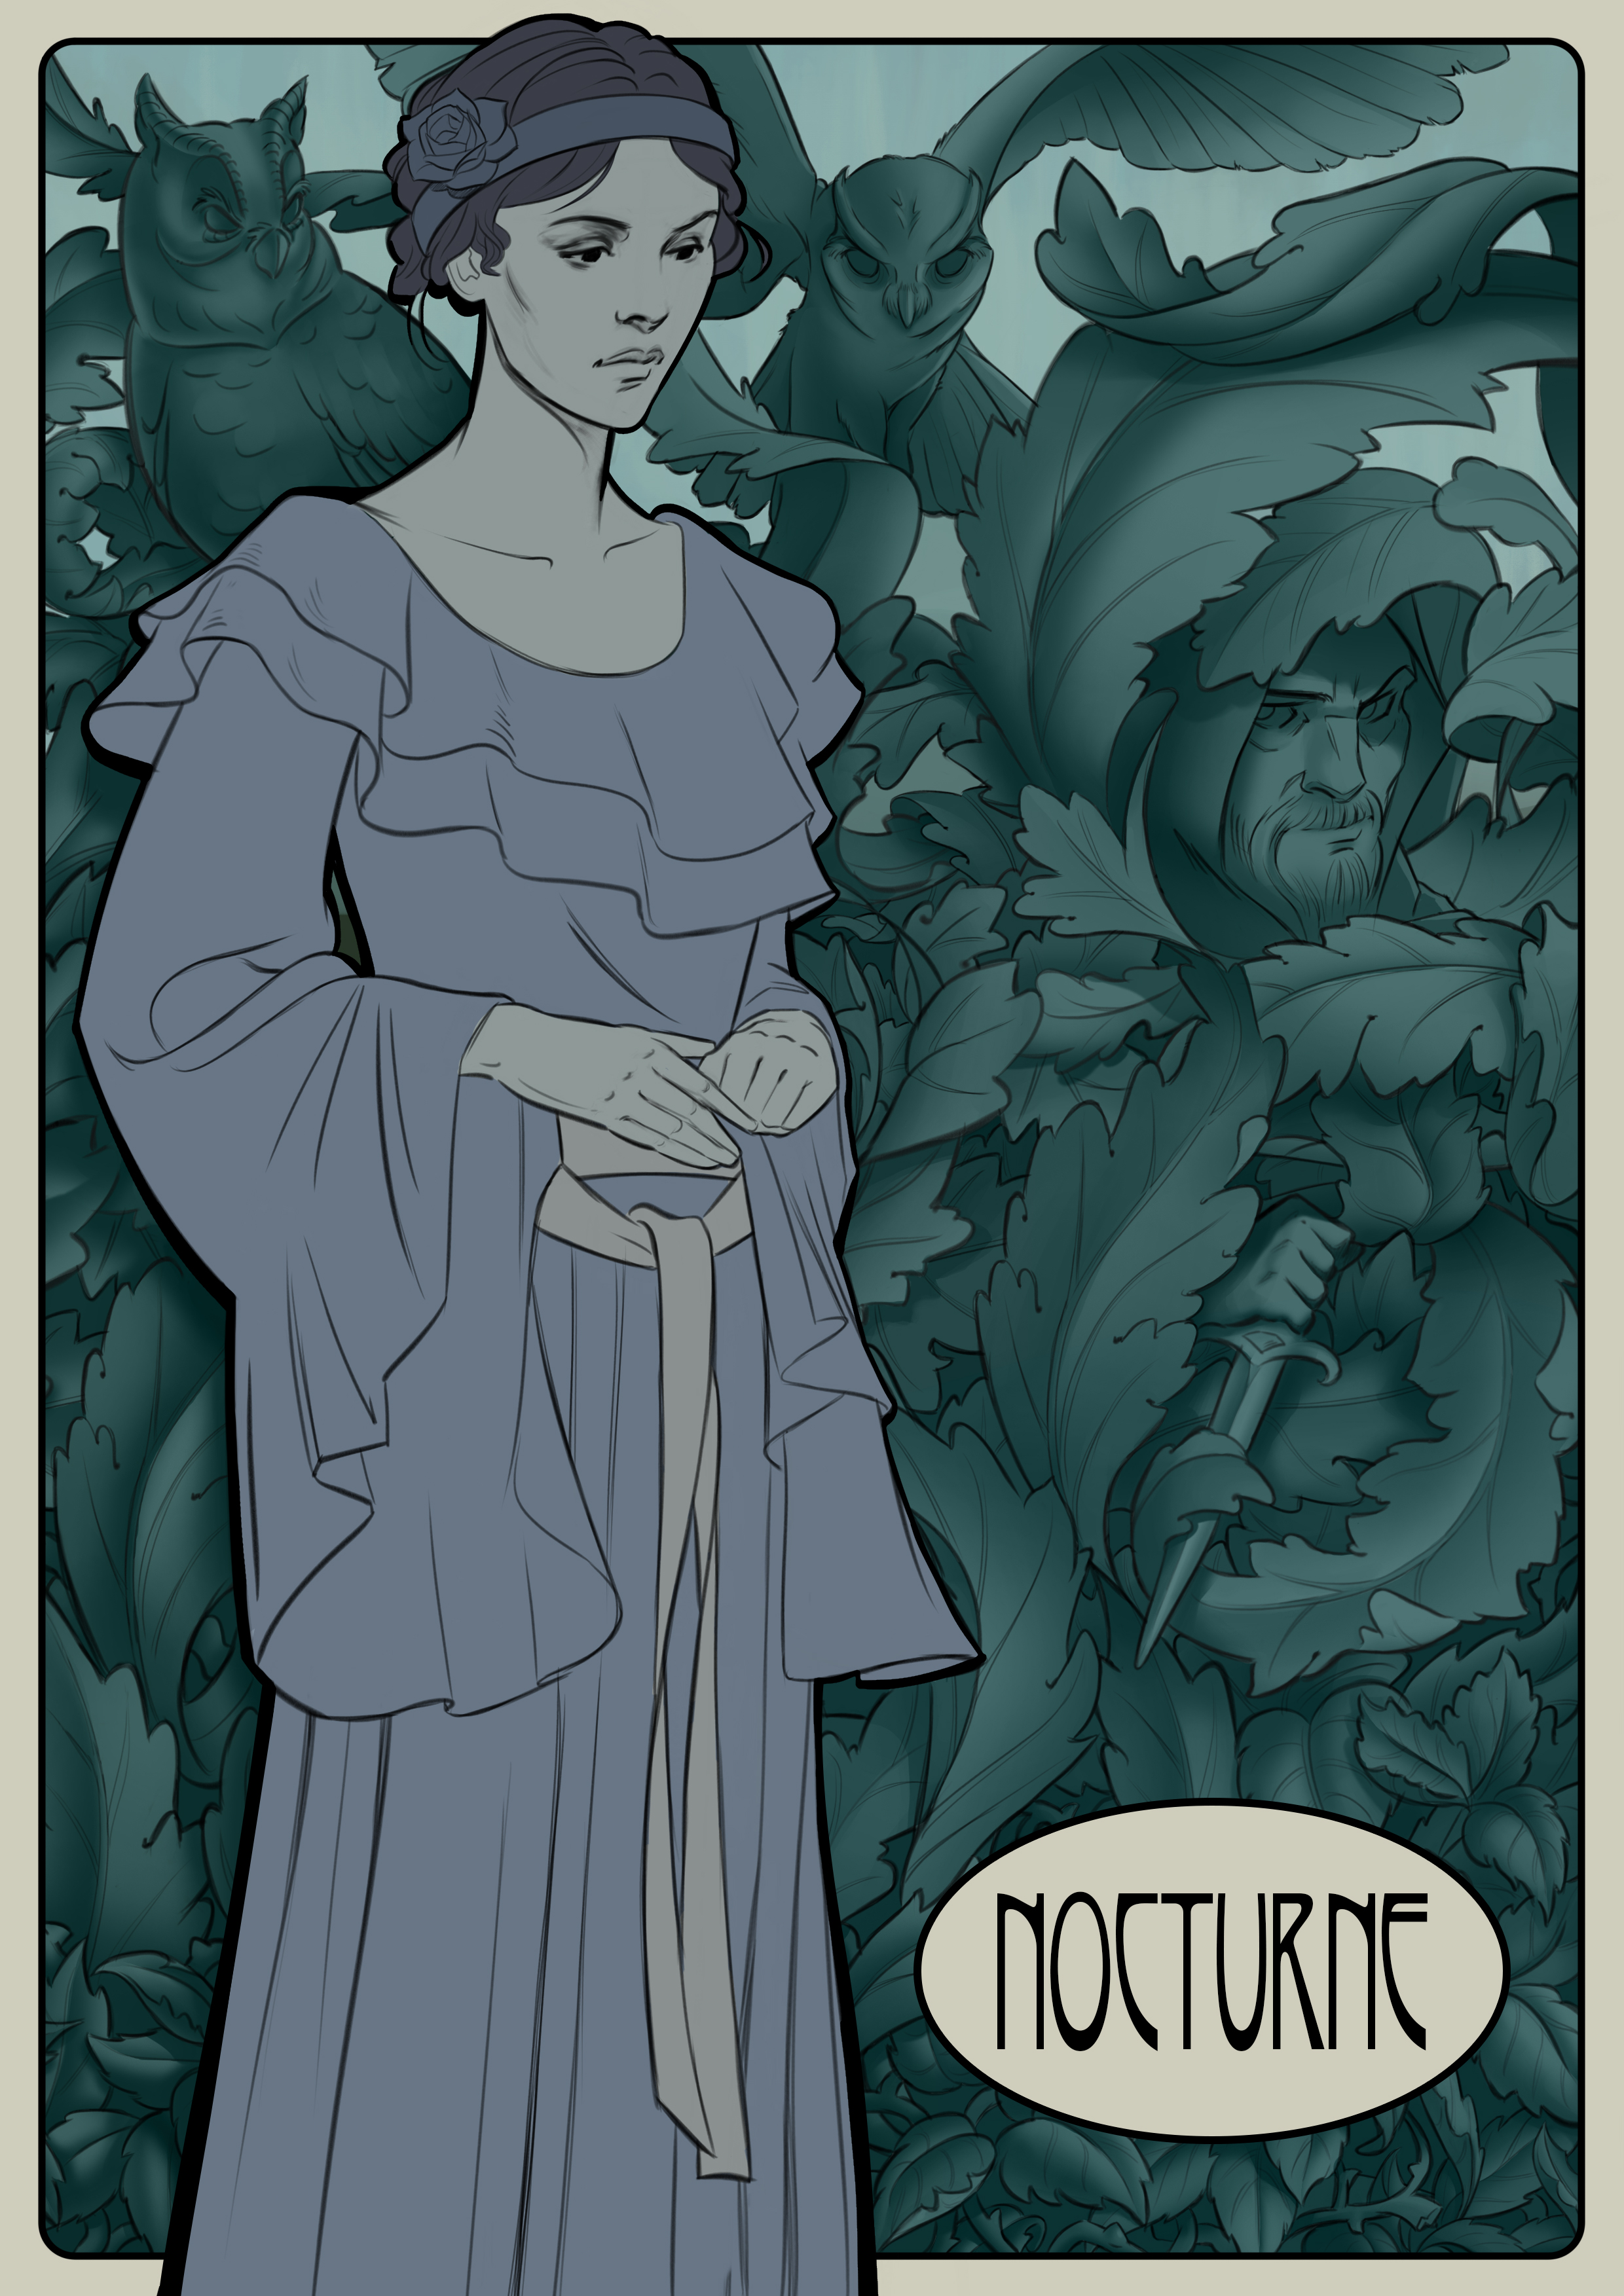 nocturne.jpg